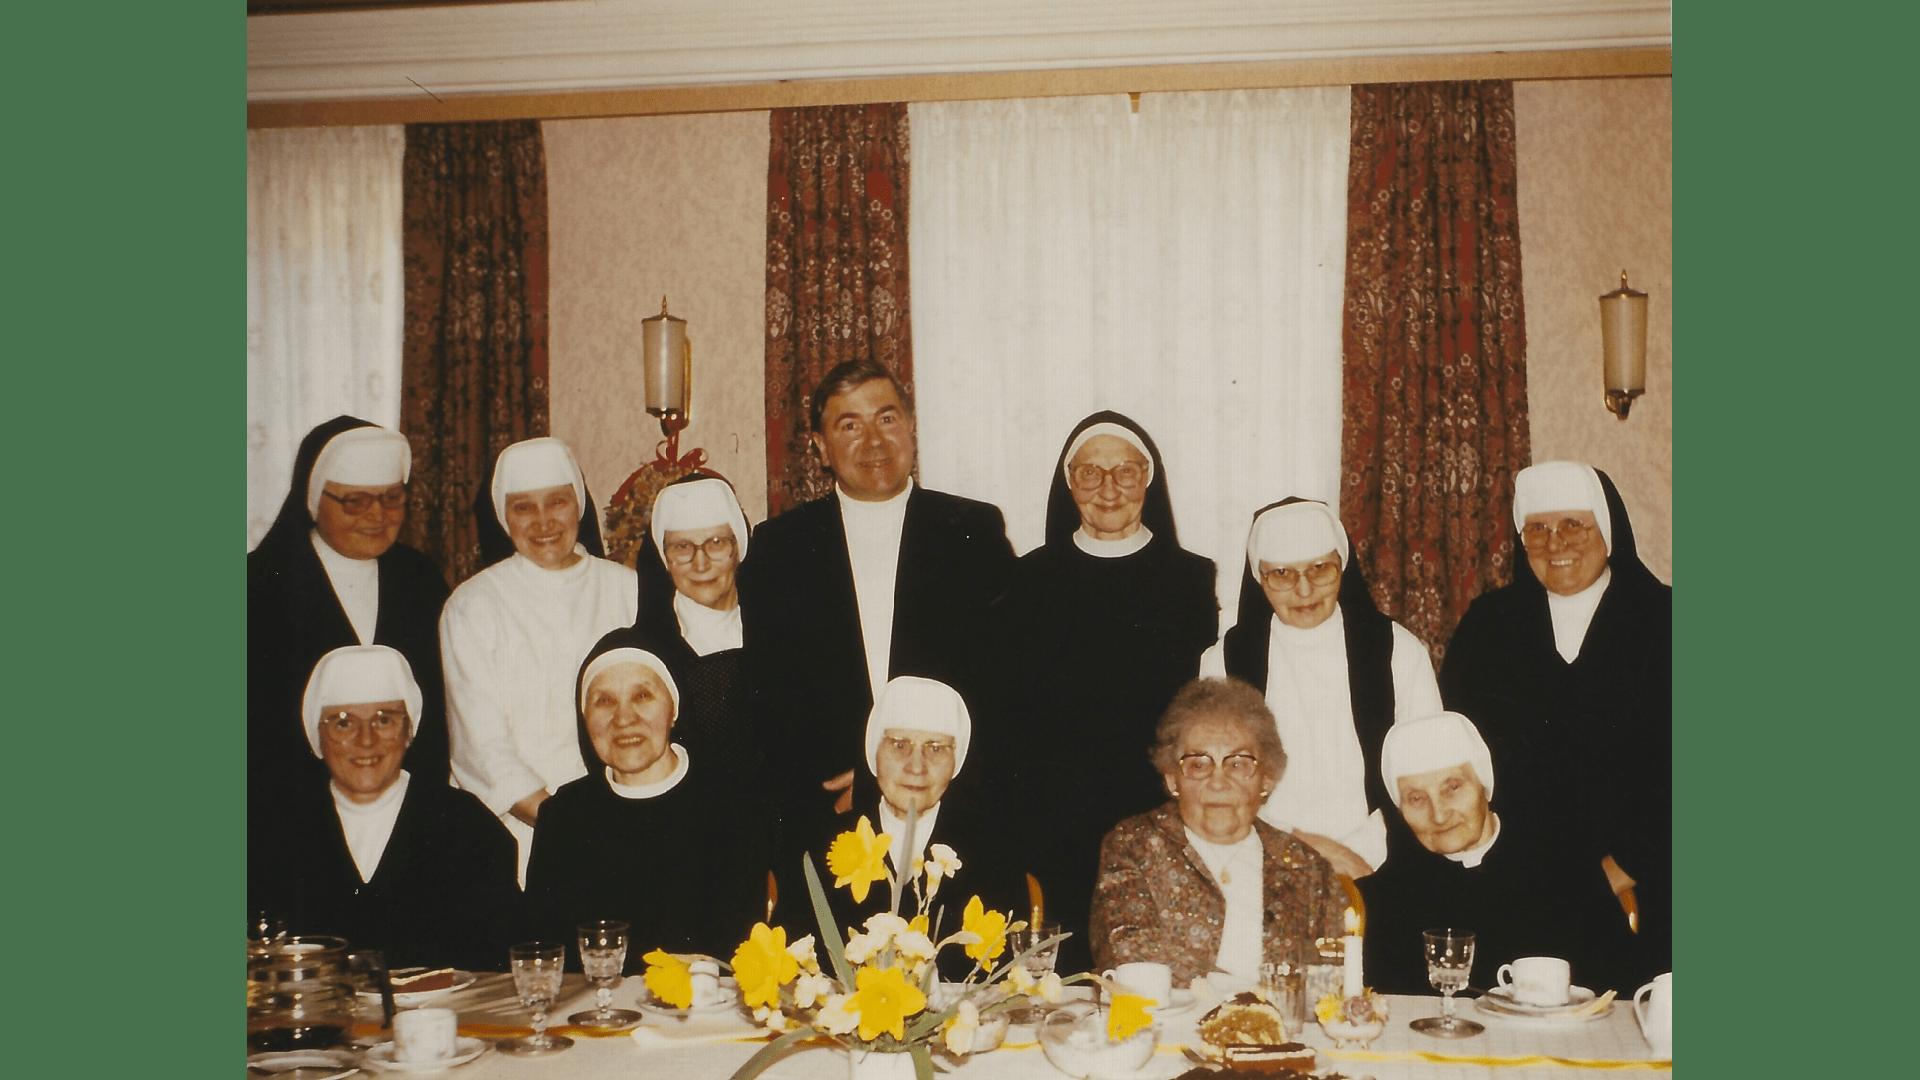 Geburtstagsfeier mit treuen Kurgästen 1984. Foto: Archiv Arme Schulschwestern